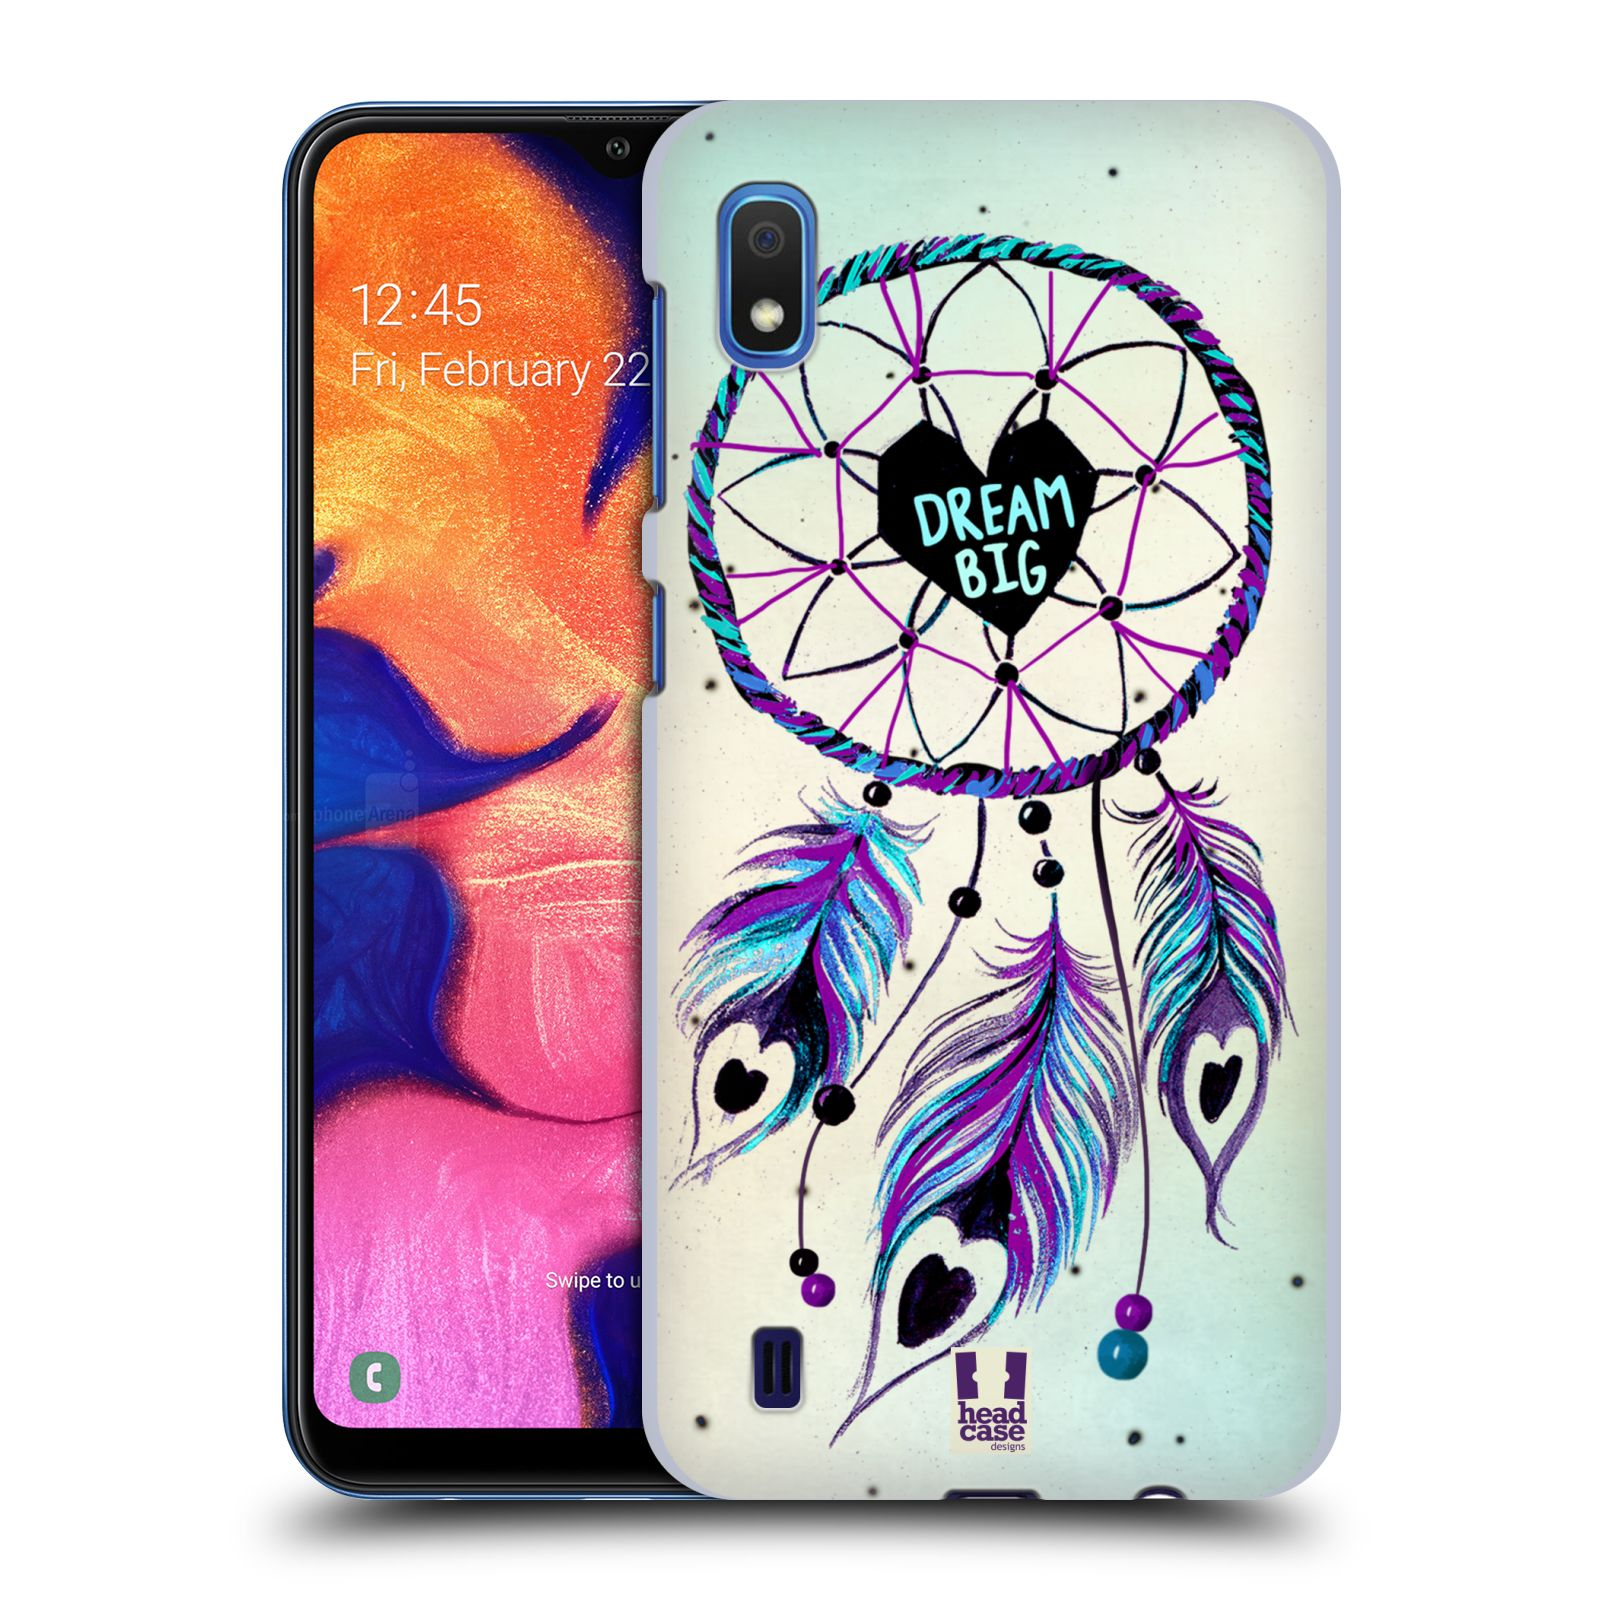 Plastové pouzdro na mobil Samsung Galaxy A10 - Head Case - Lapač Assorted Dream Big Srdce